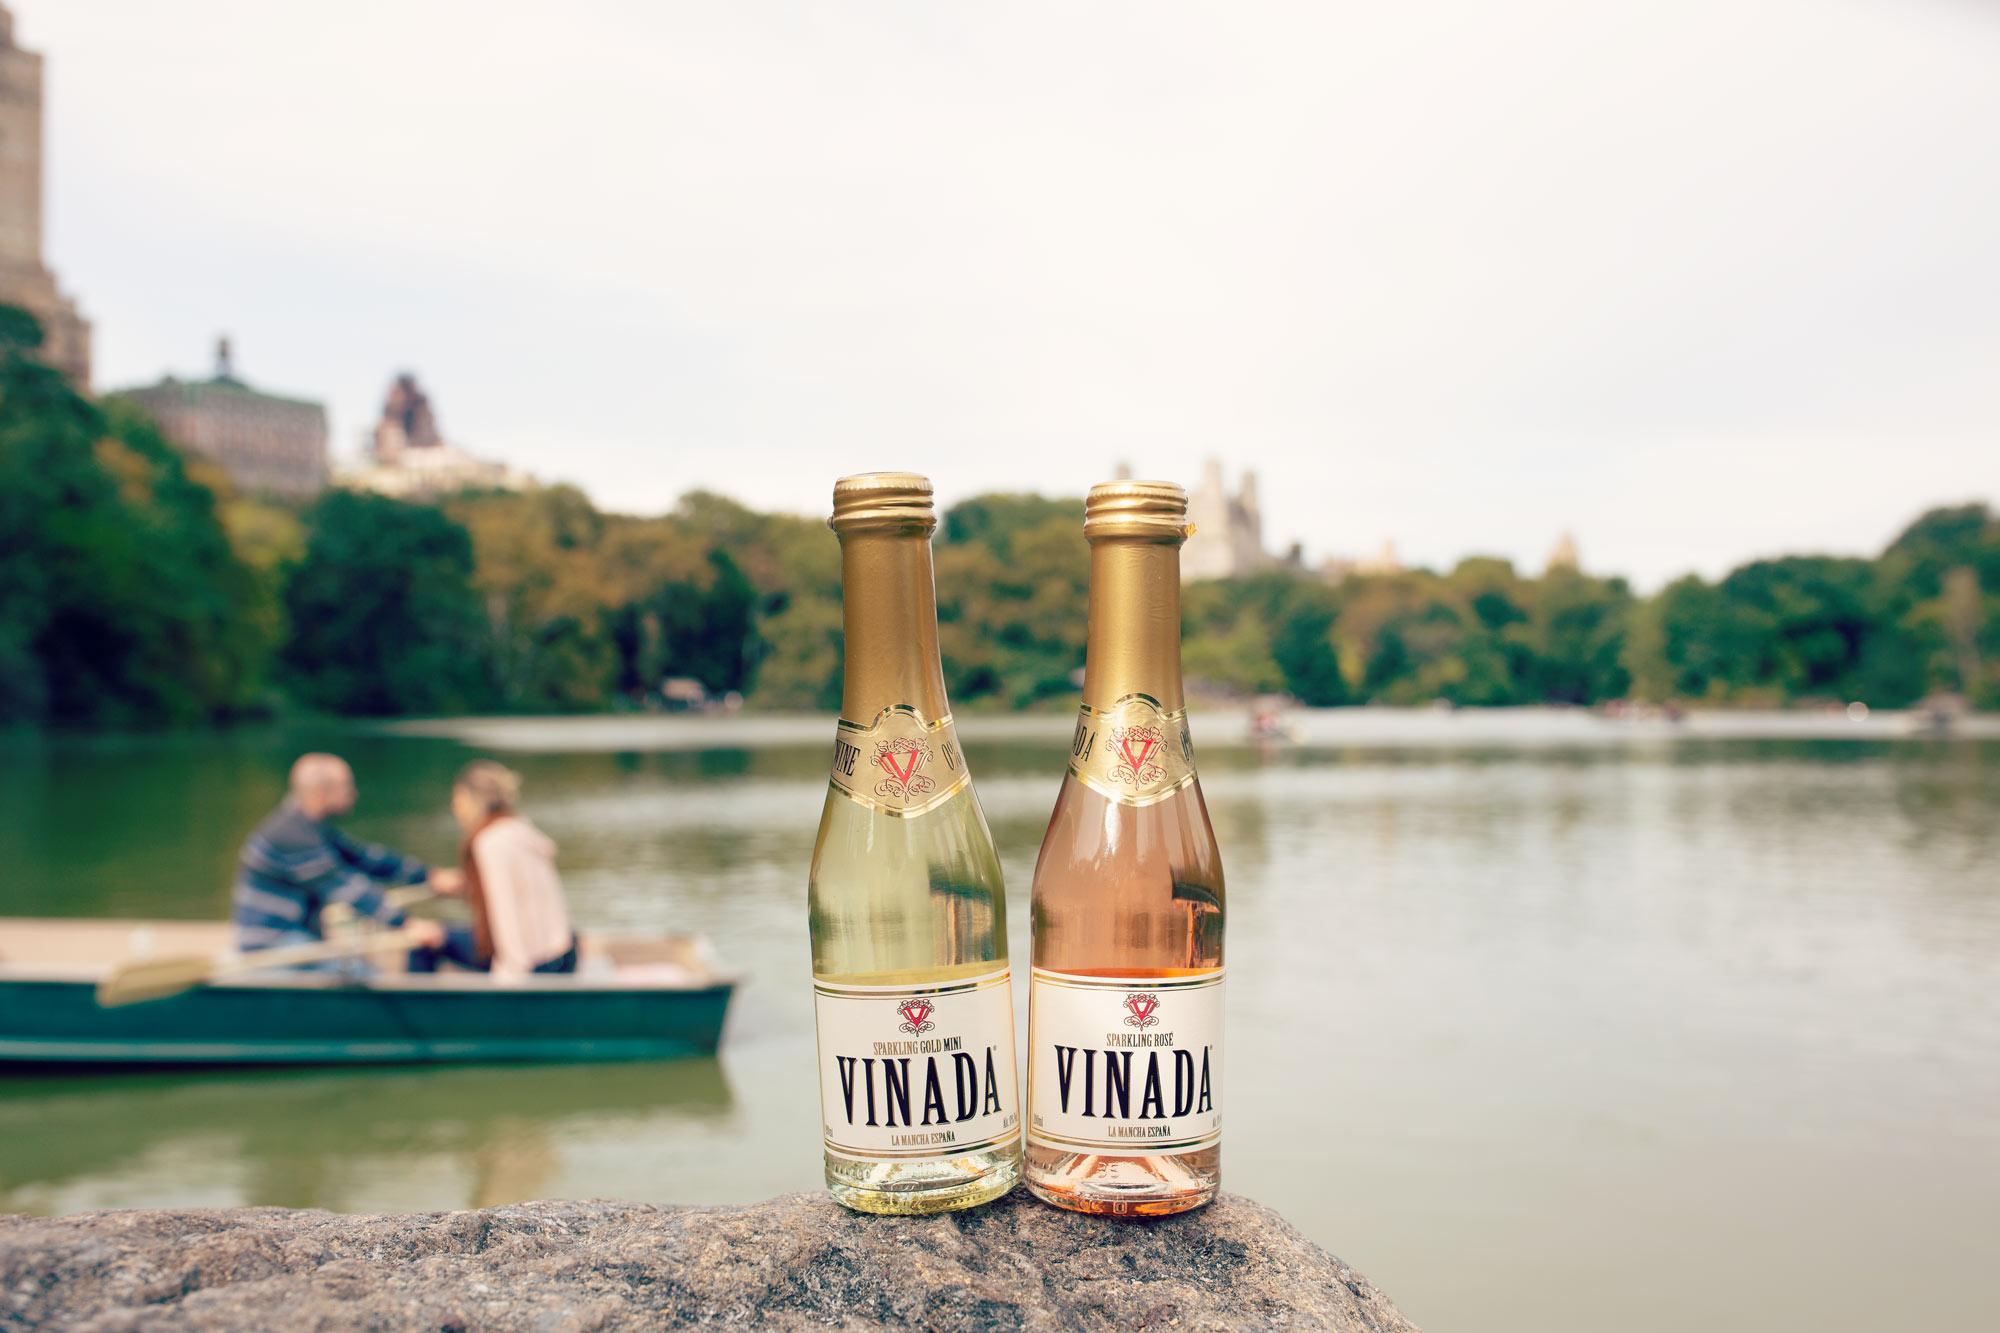 Vinada-New-York-boat-central-park.jpg